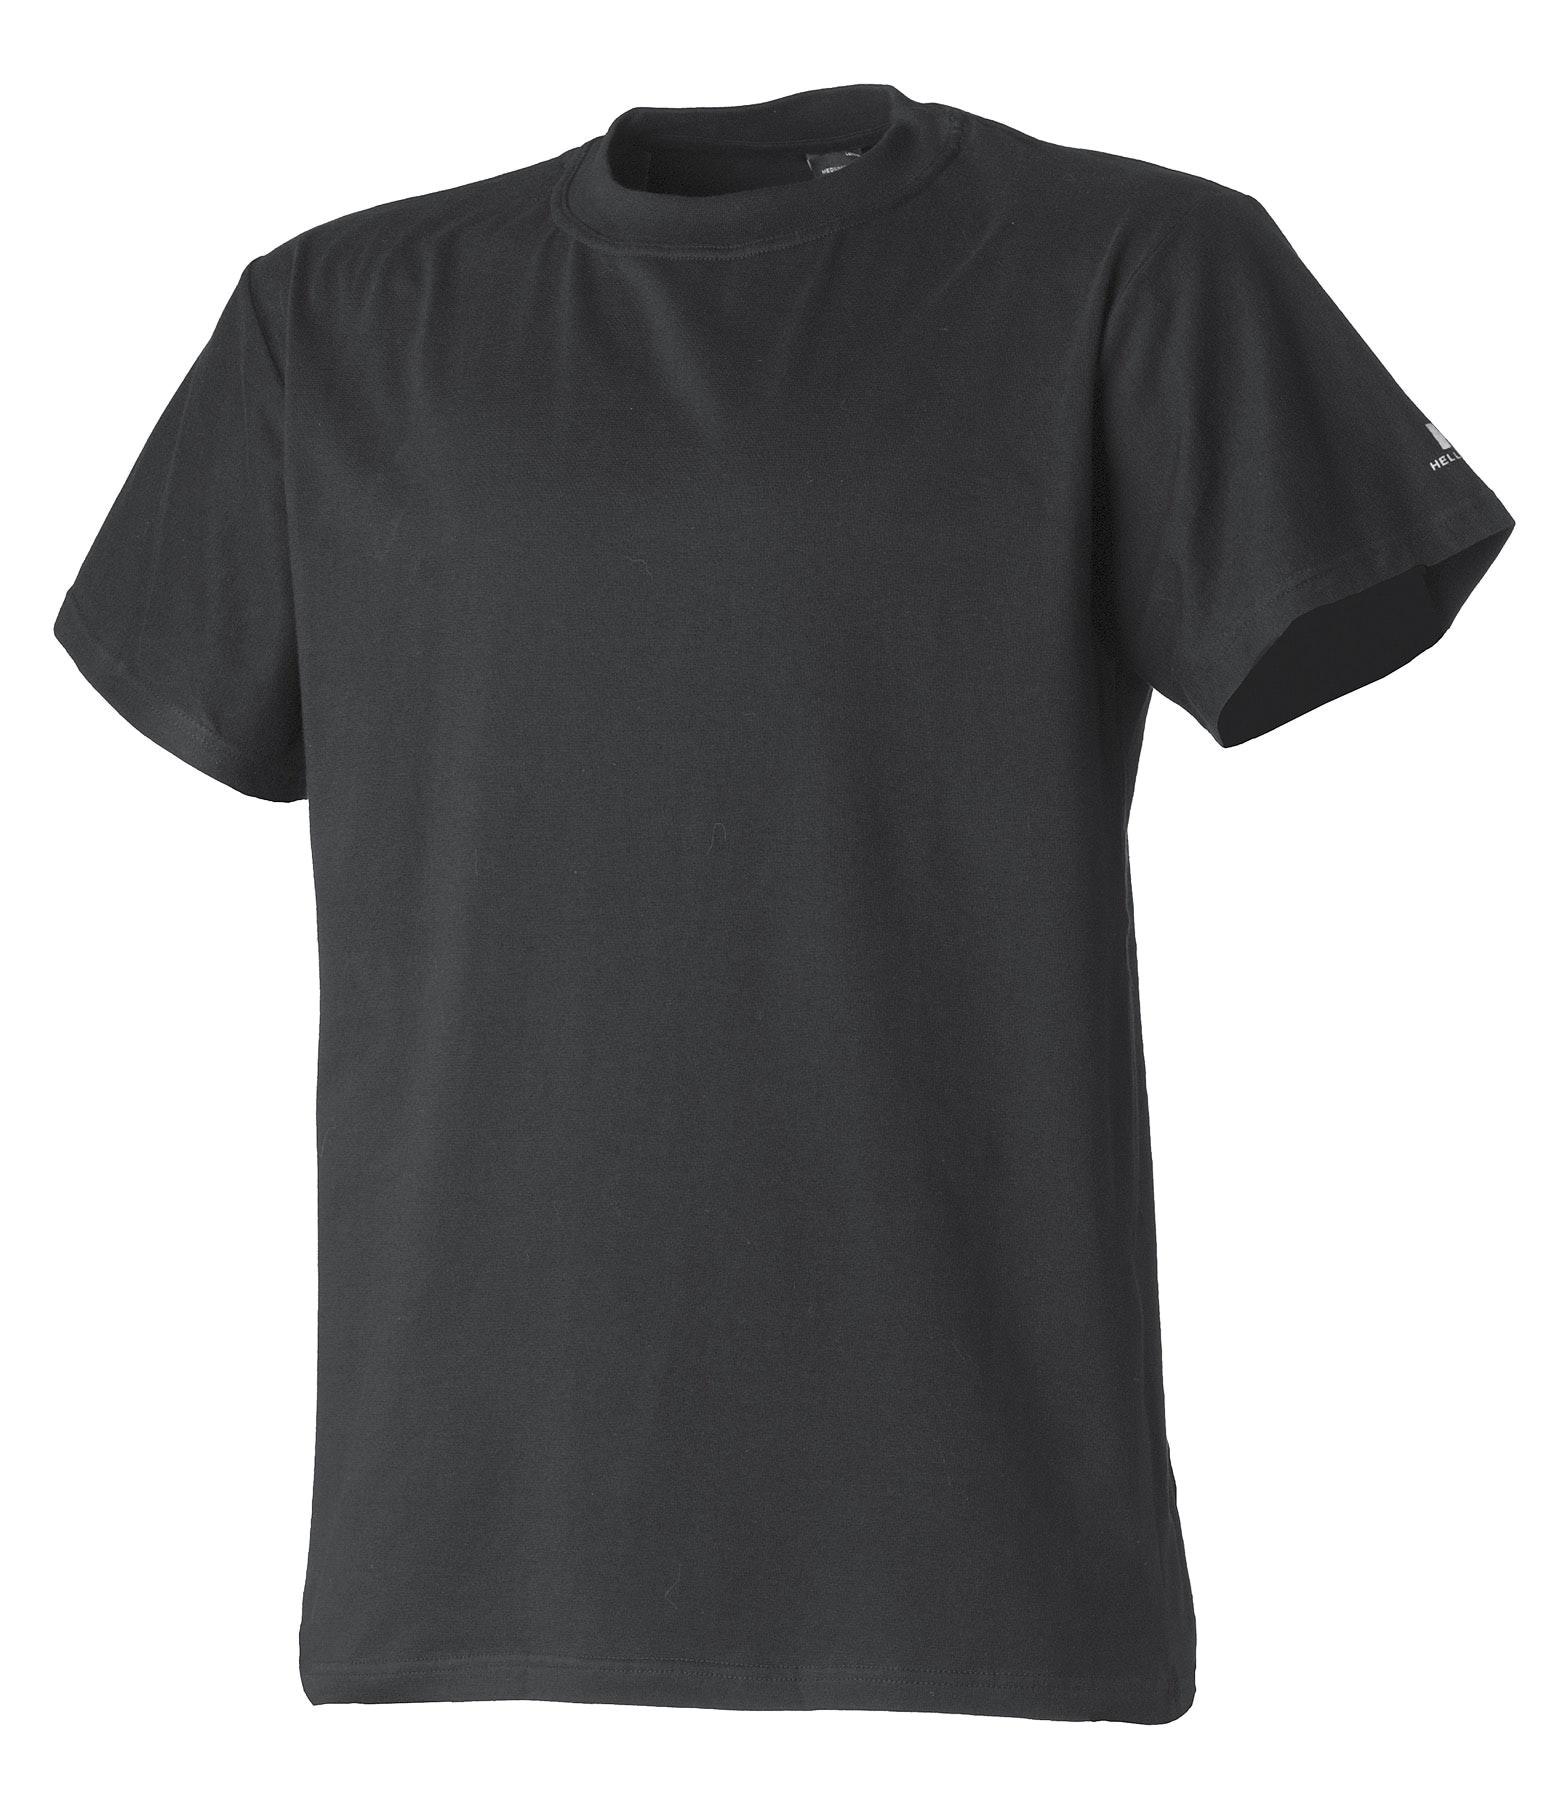 T-Shirt Helly Hansen Vit XL Manchester